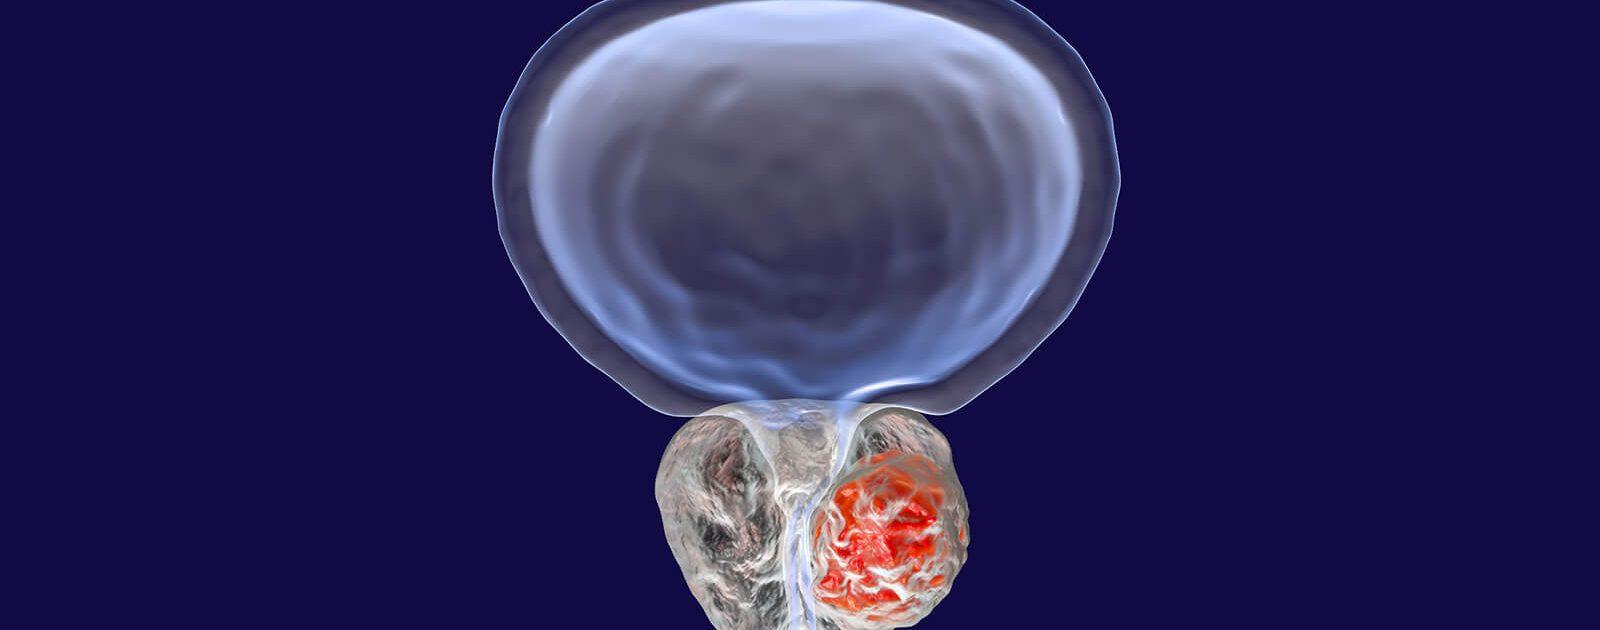 Grafische Darstellung einer vergrößerten Prostata